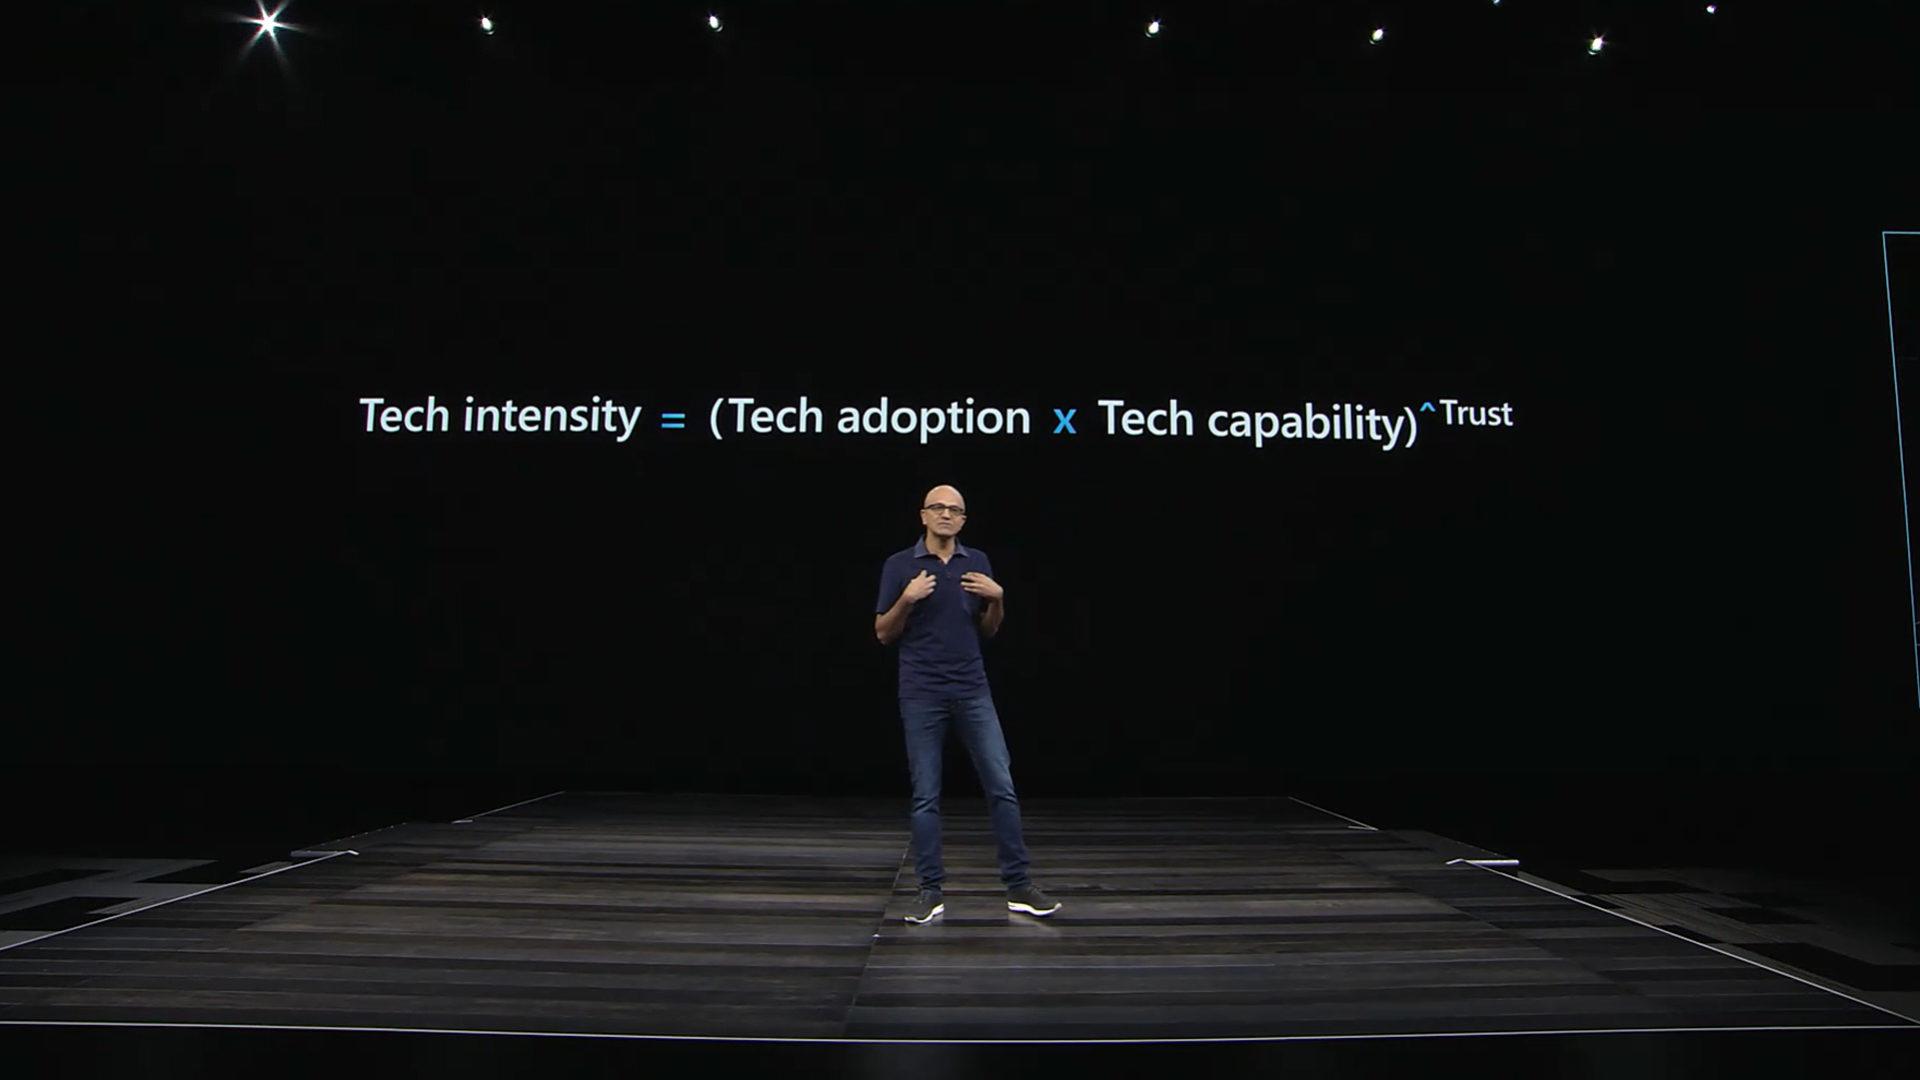 foto Satya Nadella, Chief Executive Officer Microsoft